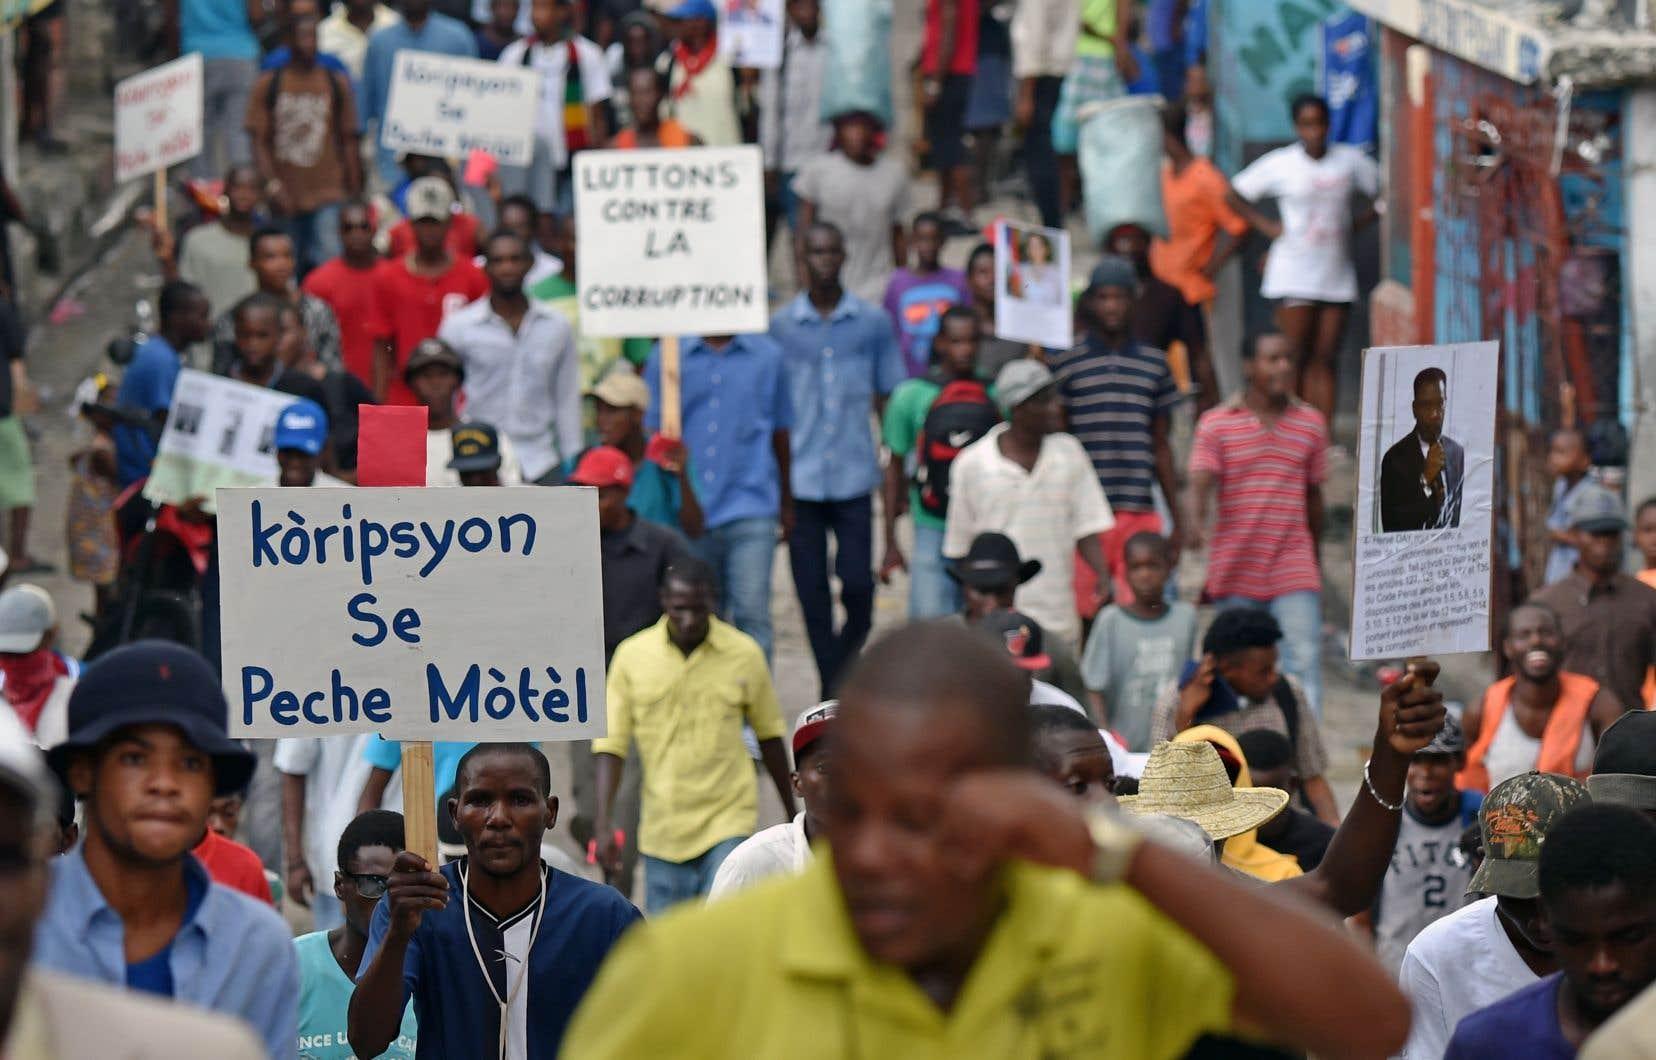 Des Haïtiens protestent contre la corruption qui gangrène leur pays, dans les rues de Port-au-Prince en novembre 2017.